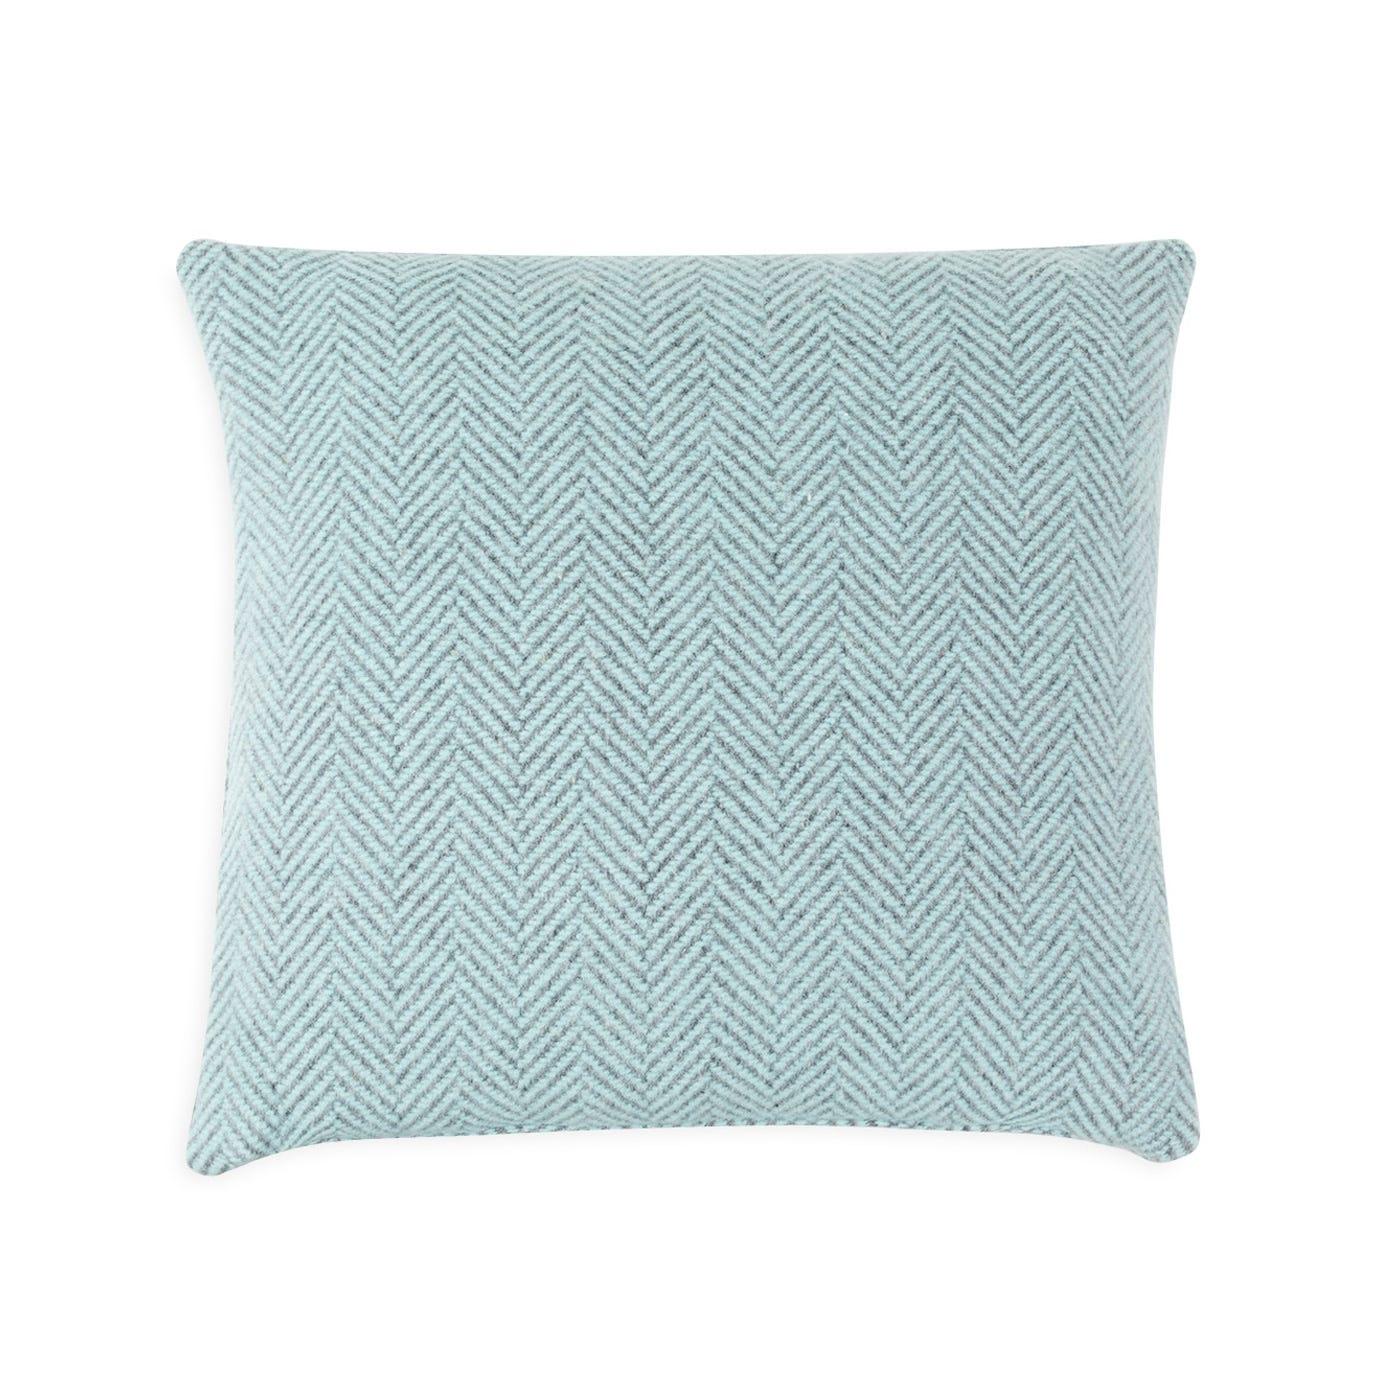 Merino & Cashmere Herringbone Cushion